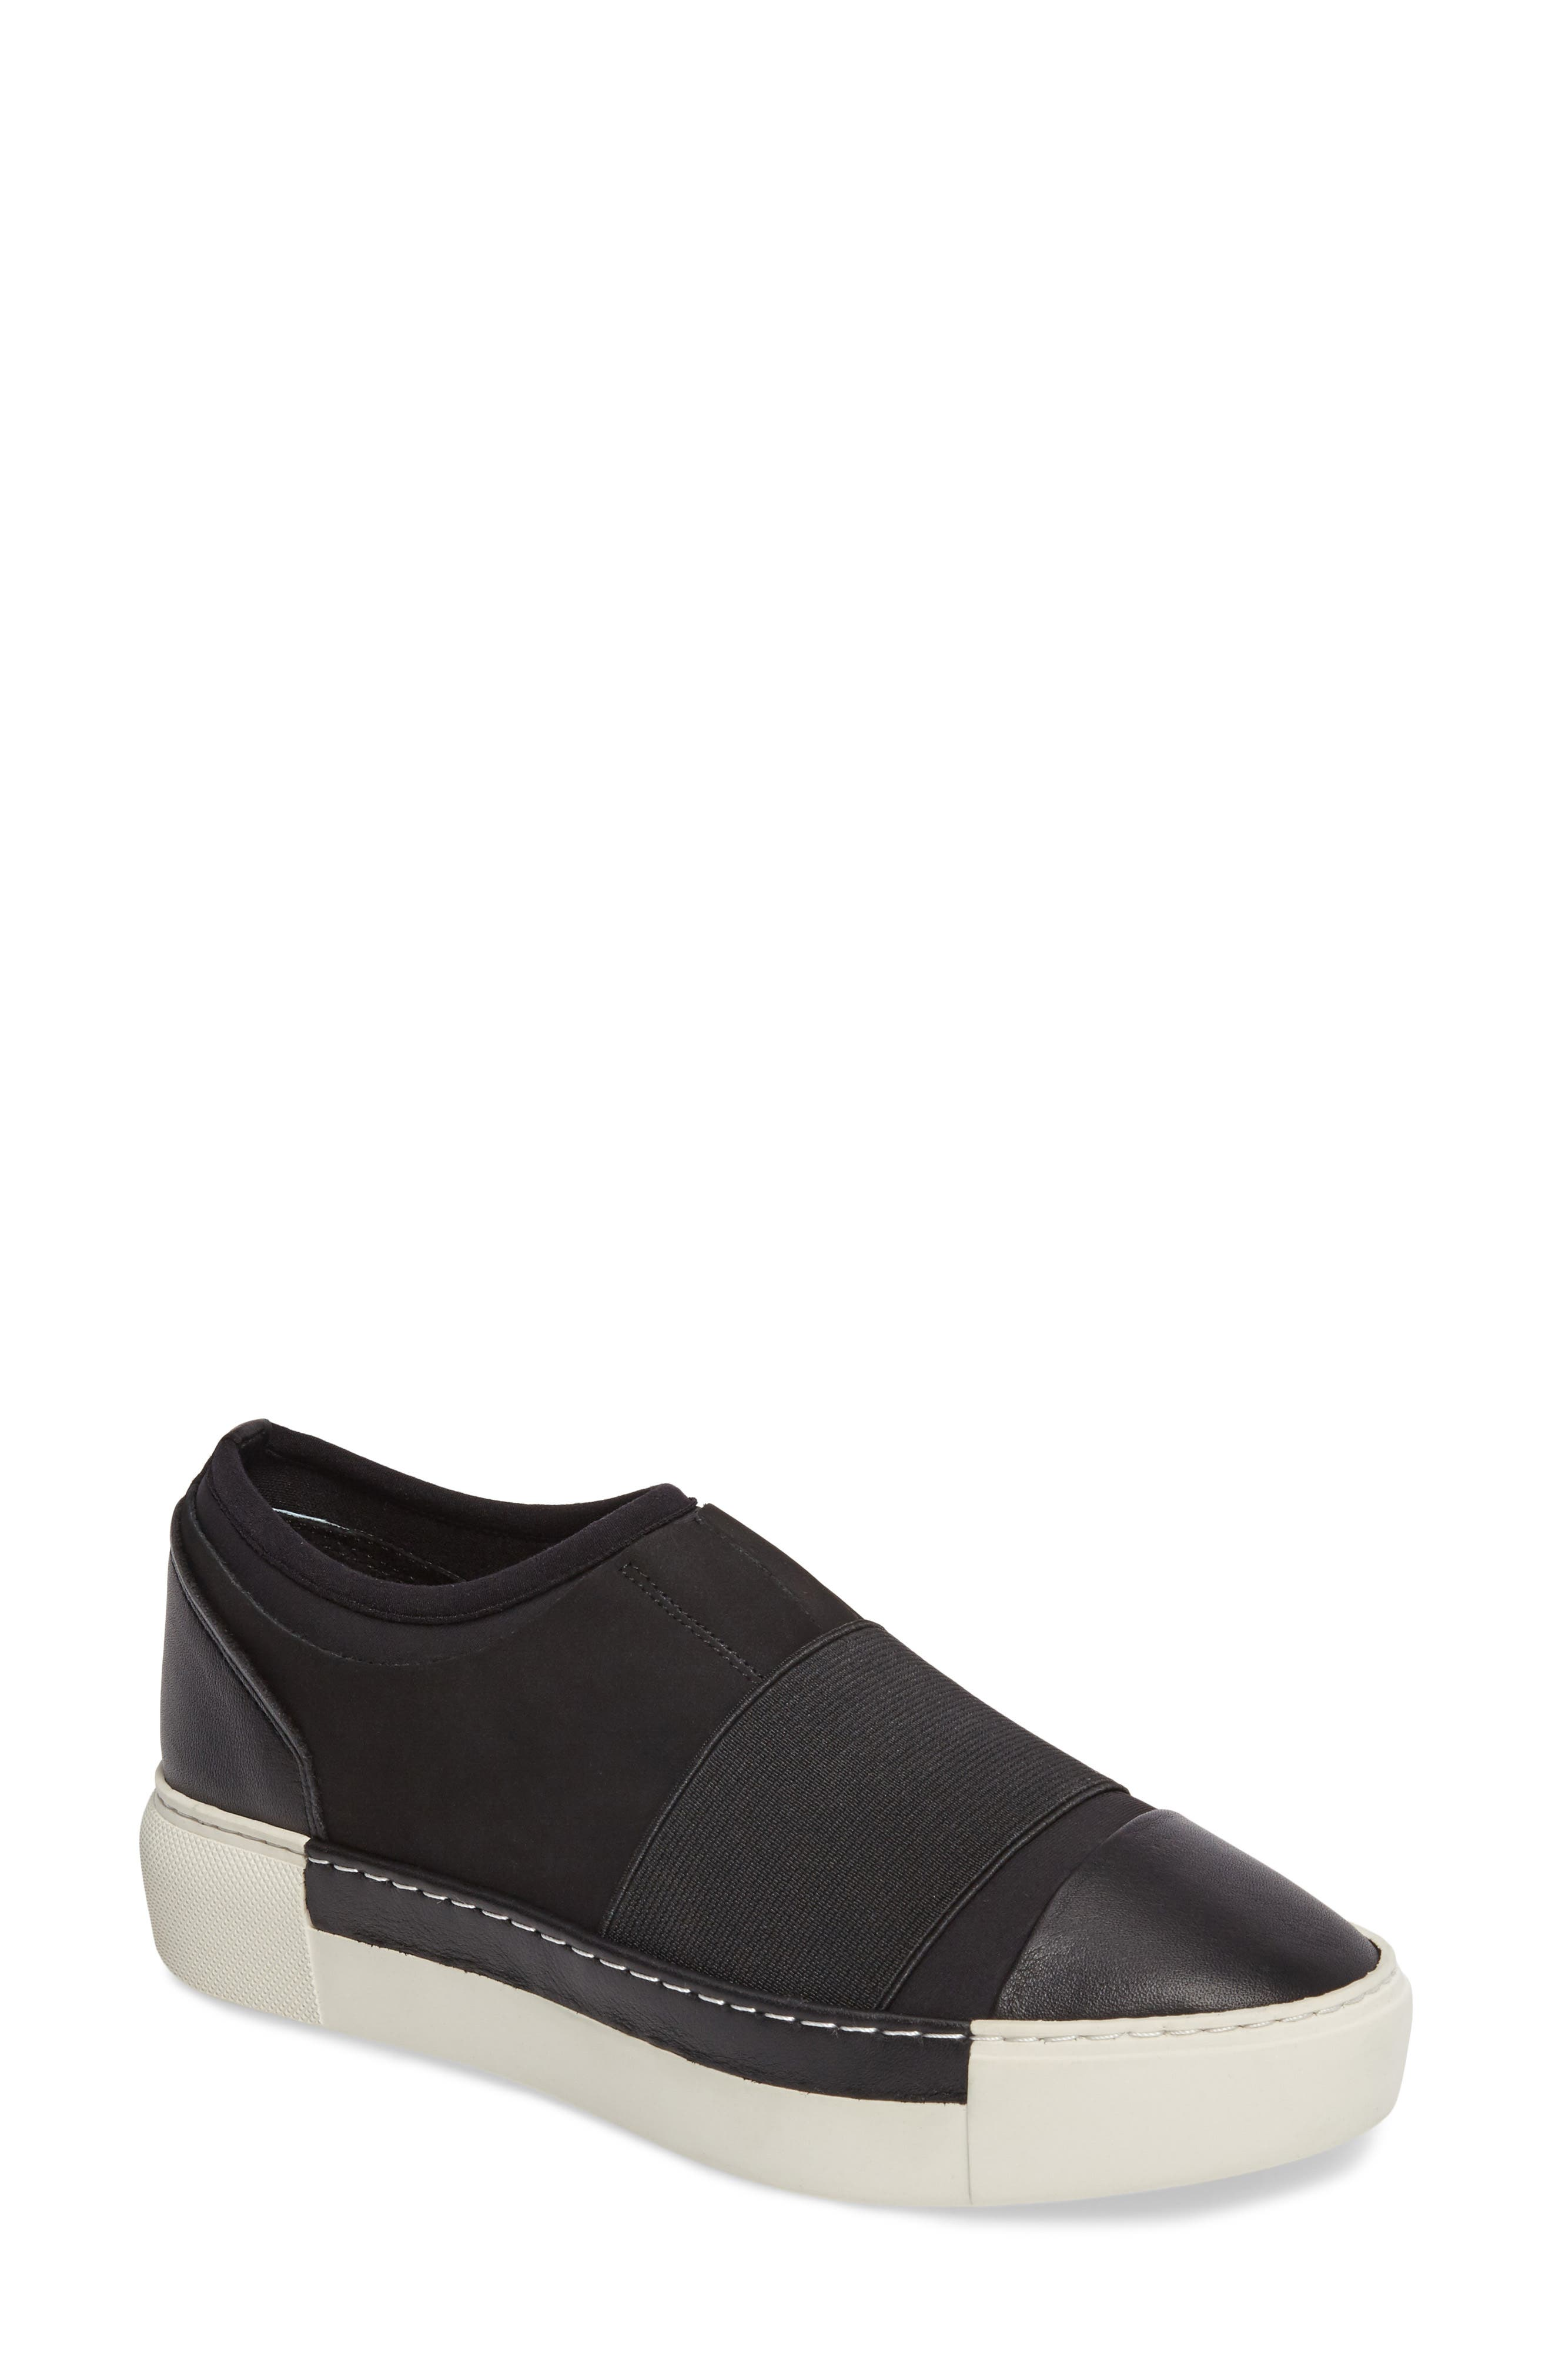 Alternate Image 1 Selected - JSlides Voila Slip-On Sneaker (Women)